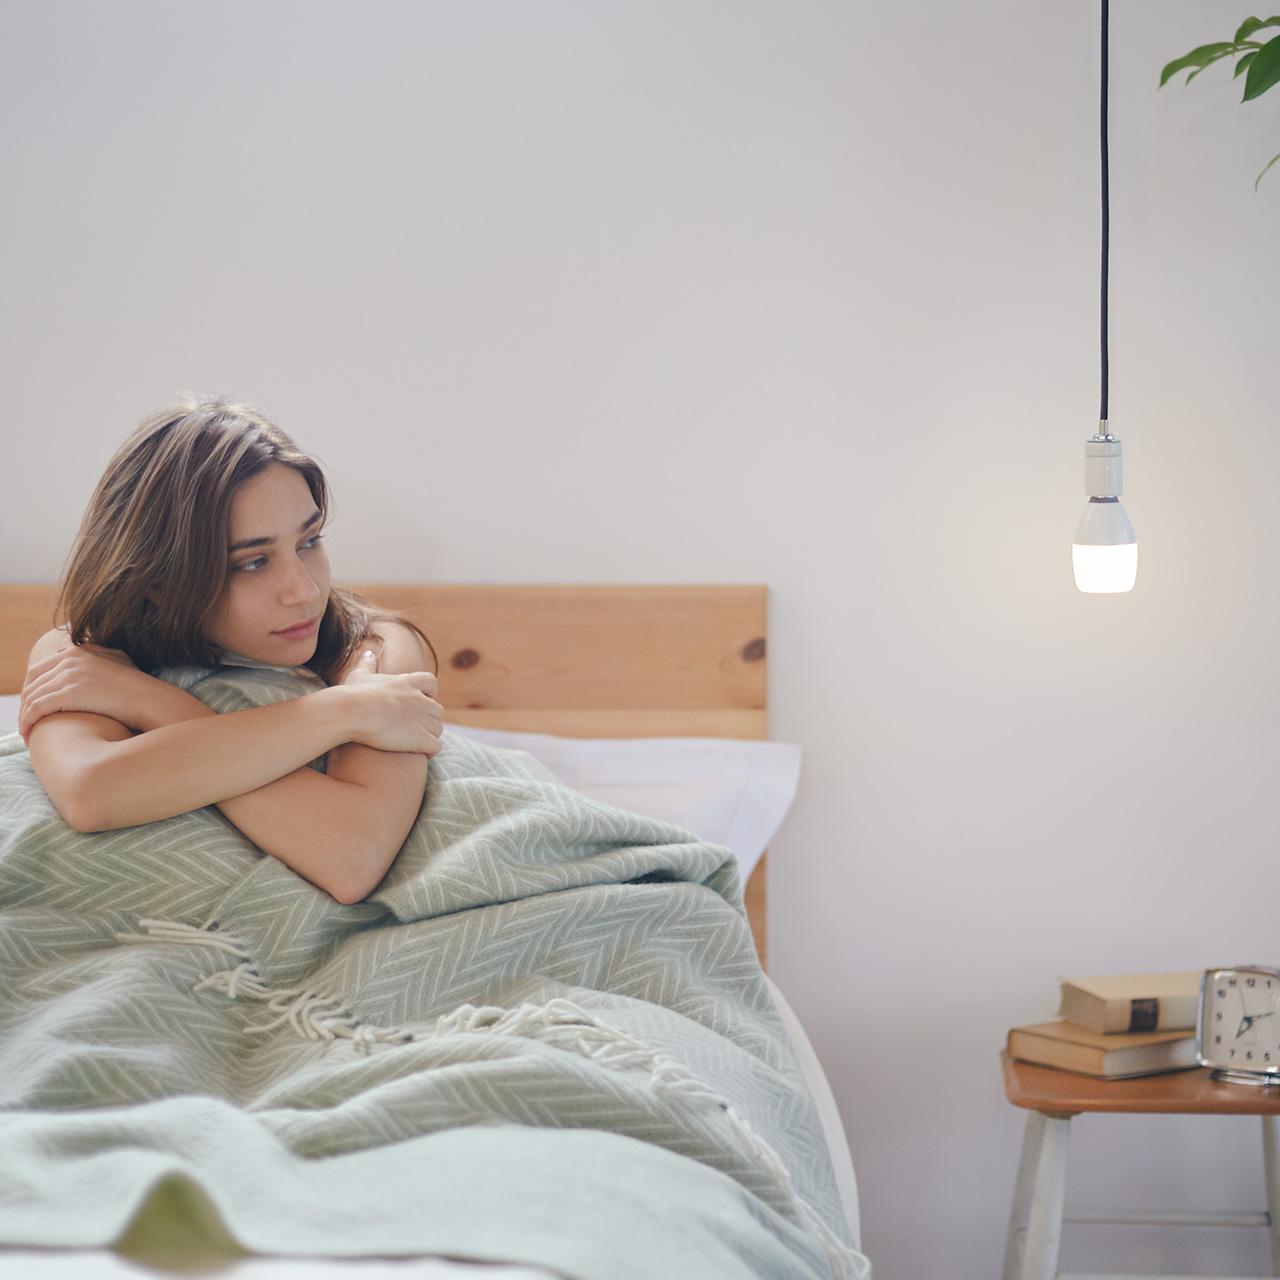 【無料モニター】ソニーから新発売!オシャレに音楽を聞く「LED電球スピーカー」を素敵に使用してくれる方を大募集!